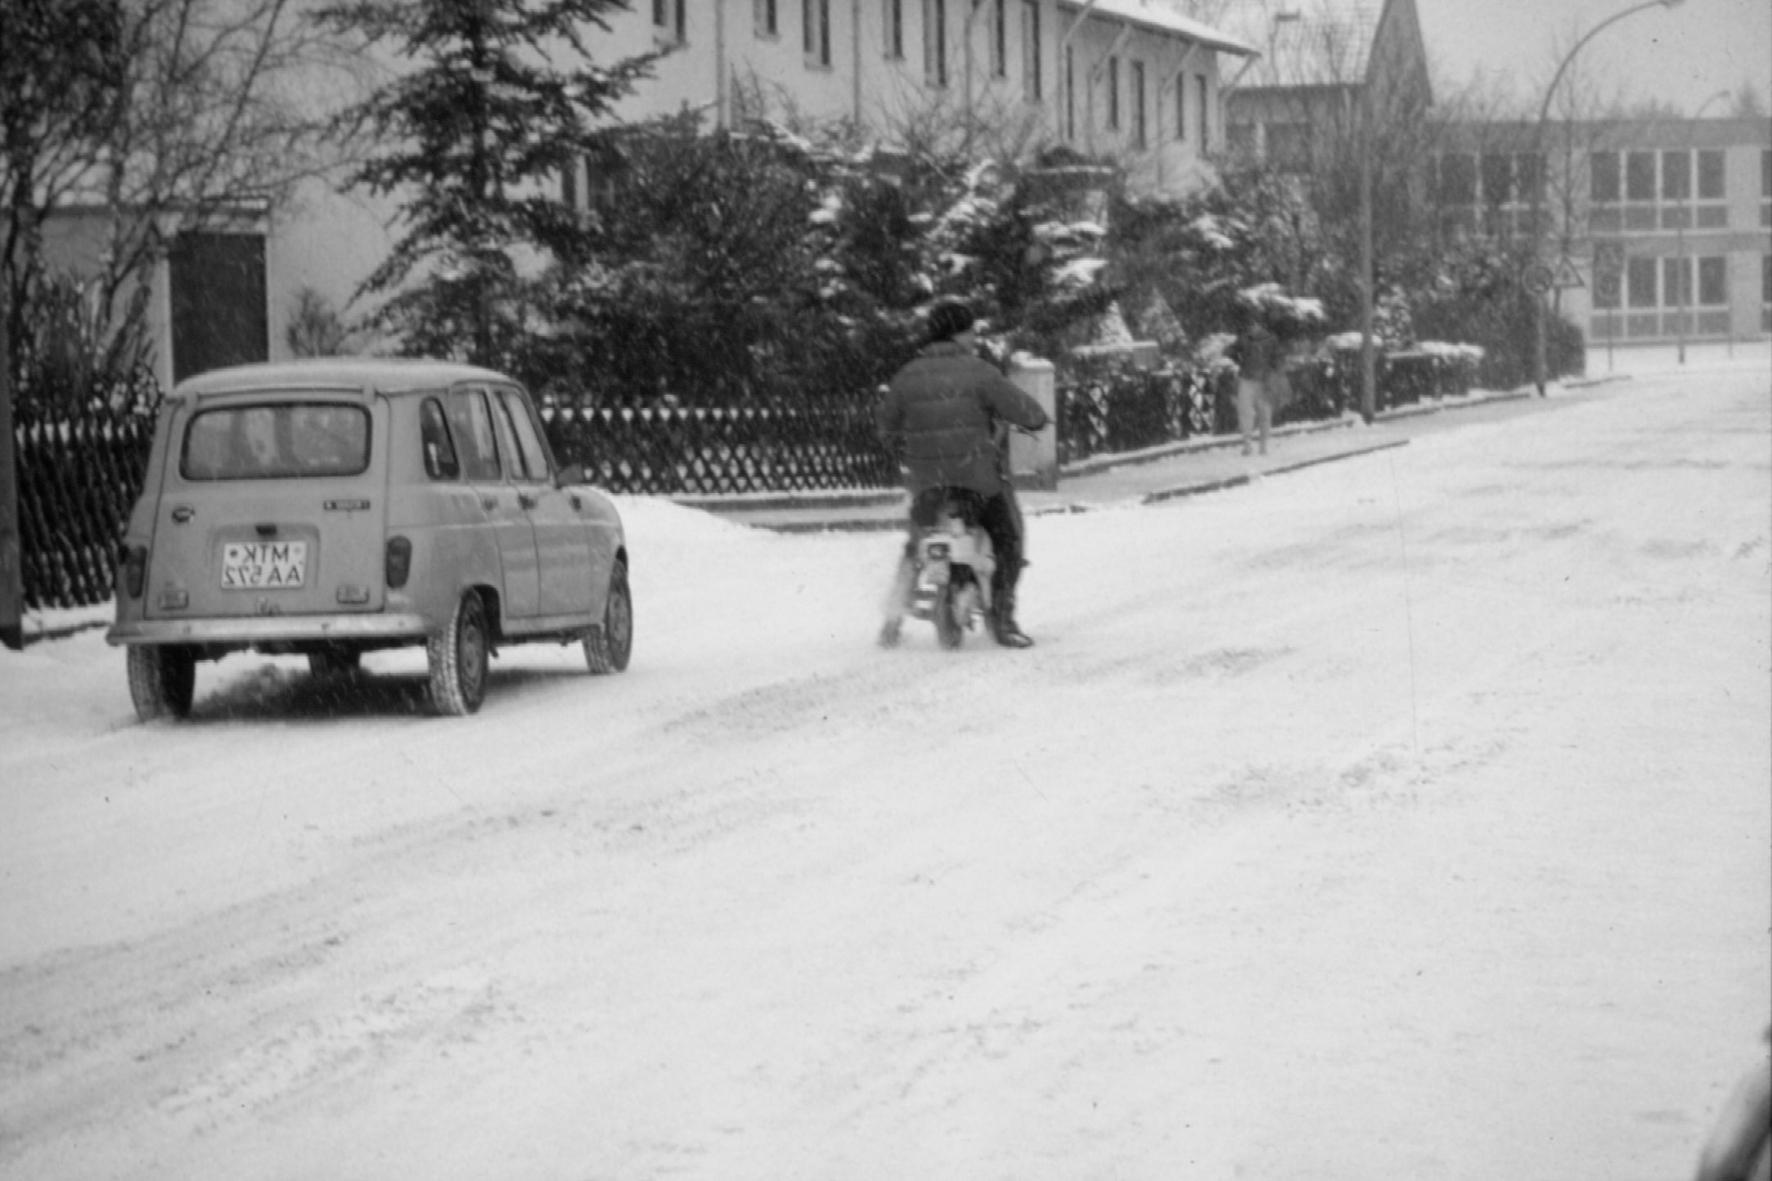 mid Groß-Gerau - Bremsen auf Schnee war schon immer eine Herausforderung, vor allem in den Zeiten ohne ABS. Die mid-Zeitreise führt zurück ins Jahr 1966..